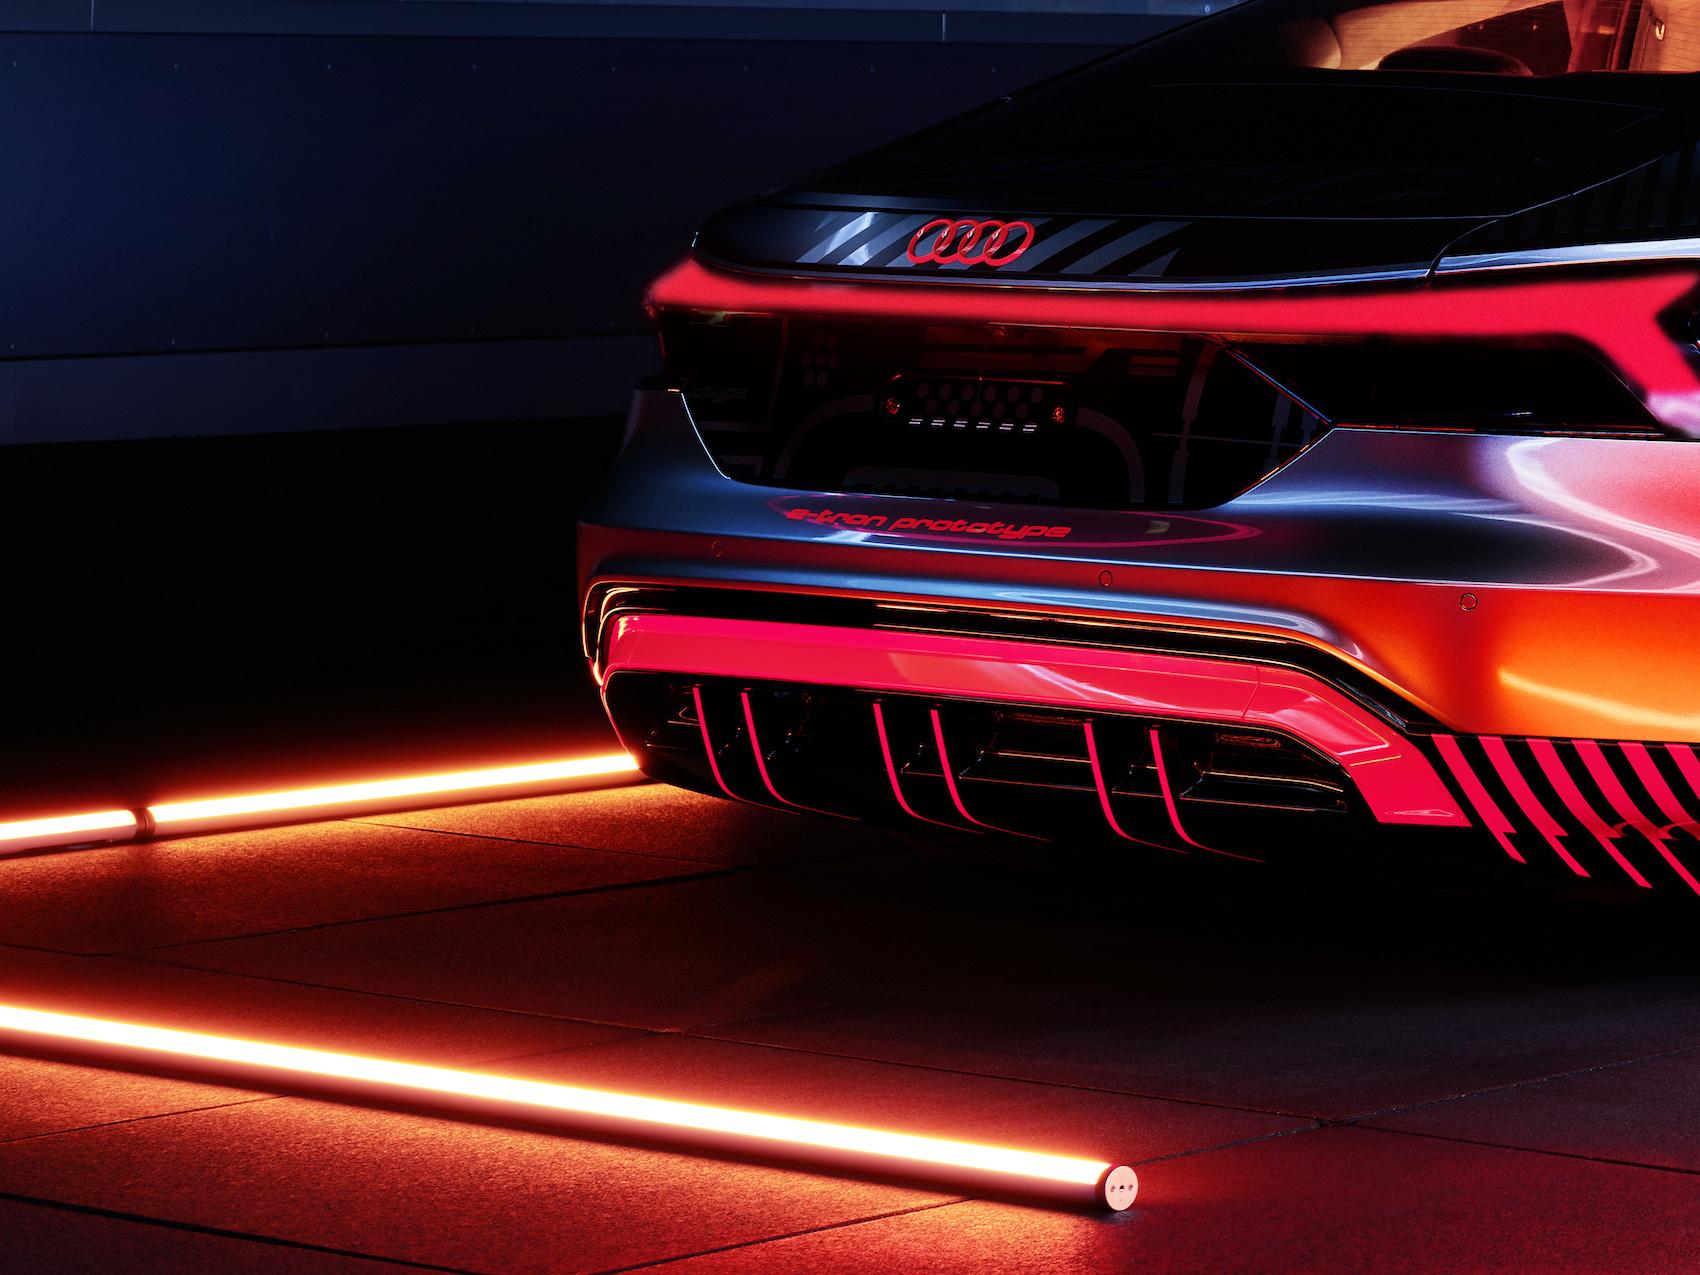 Une première: l'Audi R8 avec moteur à combustion V10 et l'e-tron GT entièrement électrique sont construites sur une ligne de montage commune. (Audi)